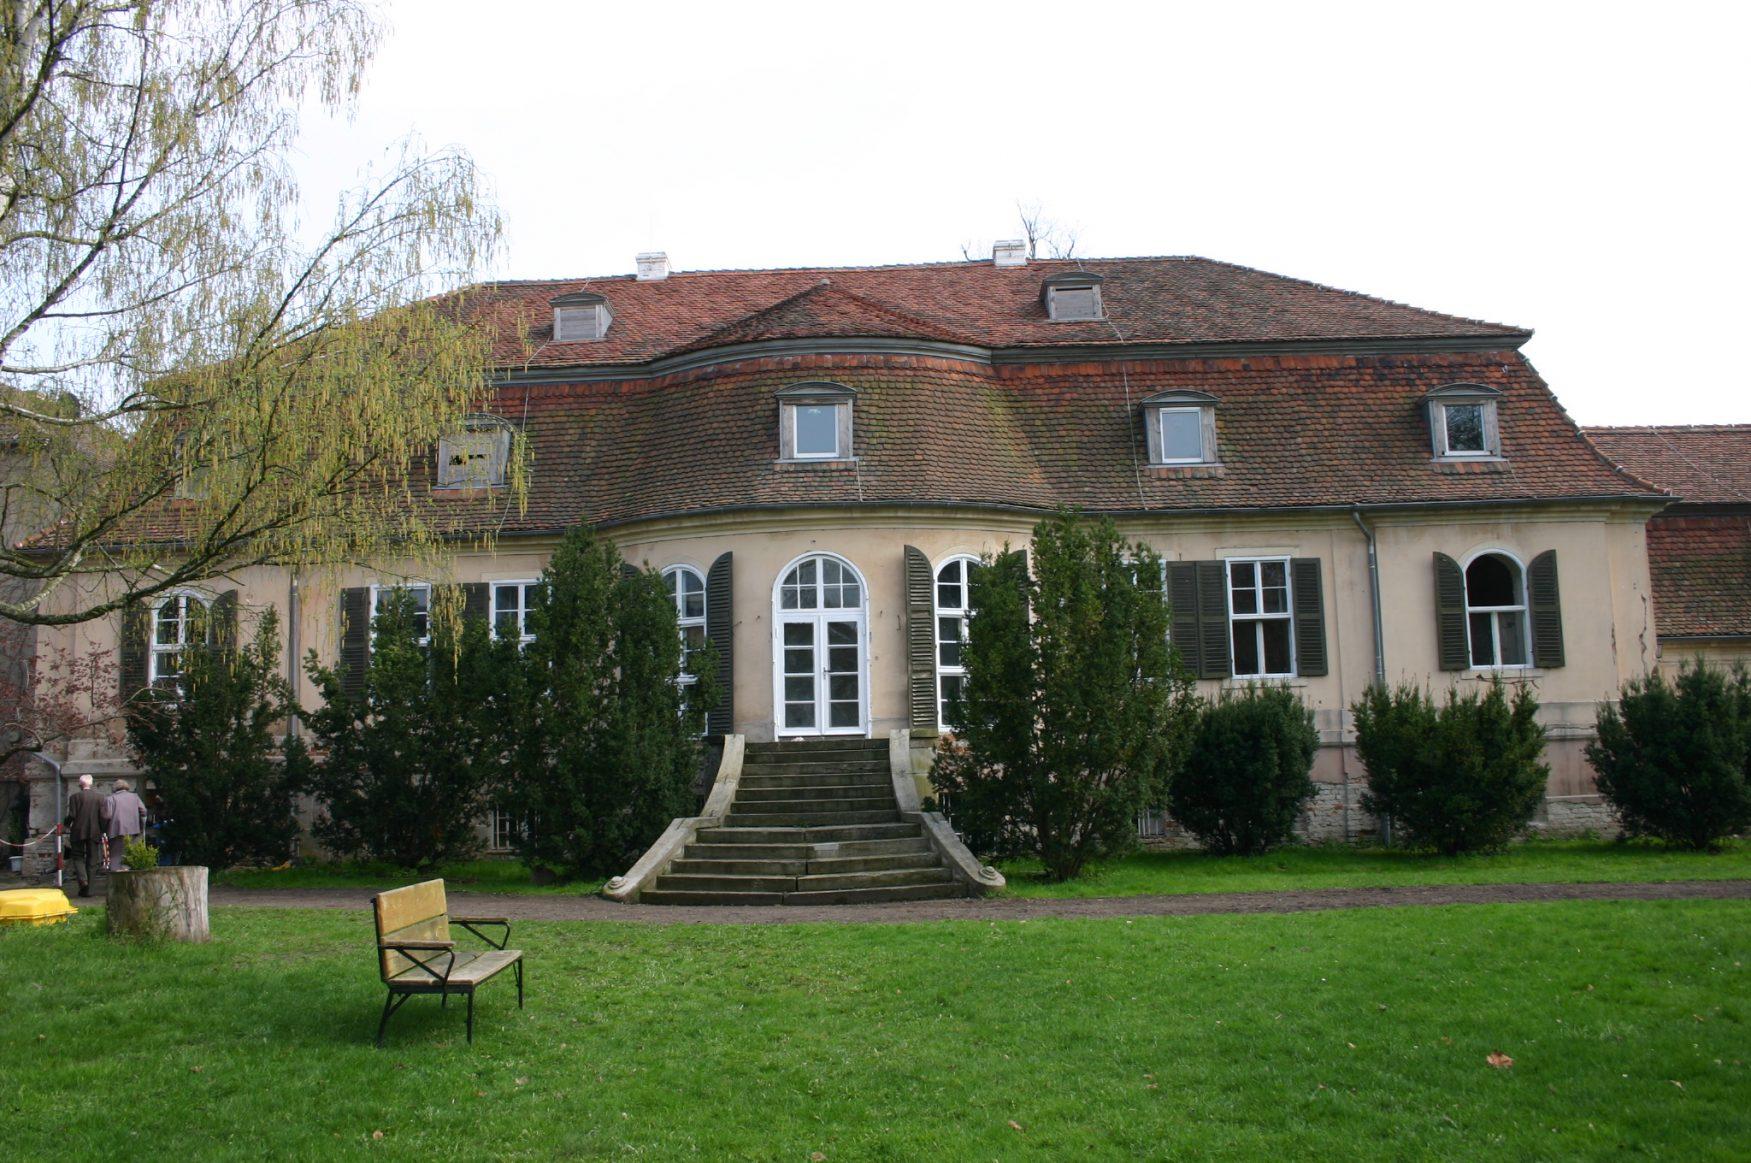 Herrenhaus in Groß Kreutz, Foto: D.Weirauch